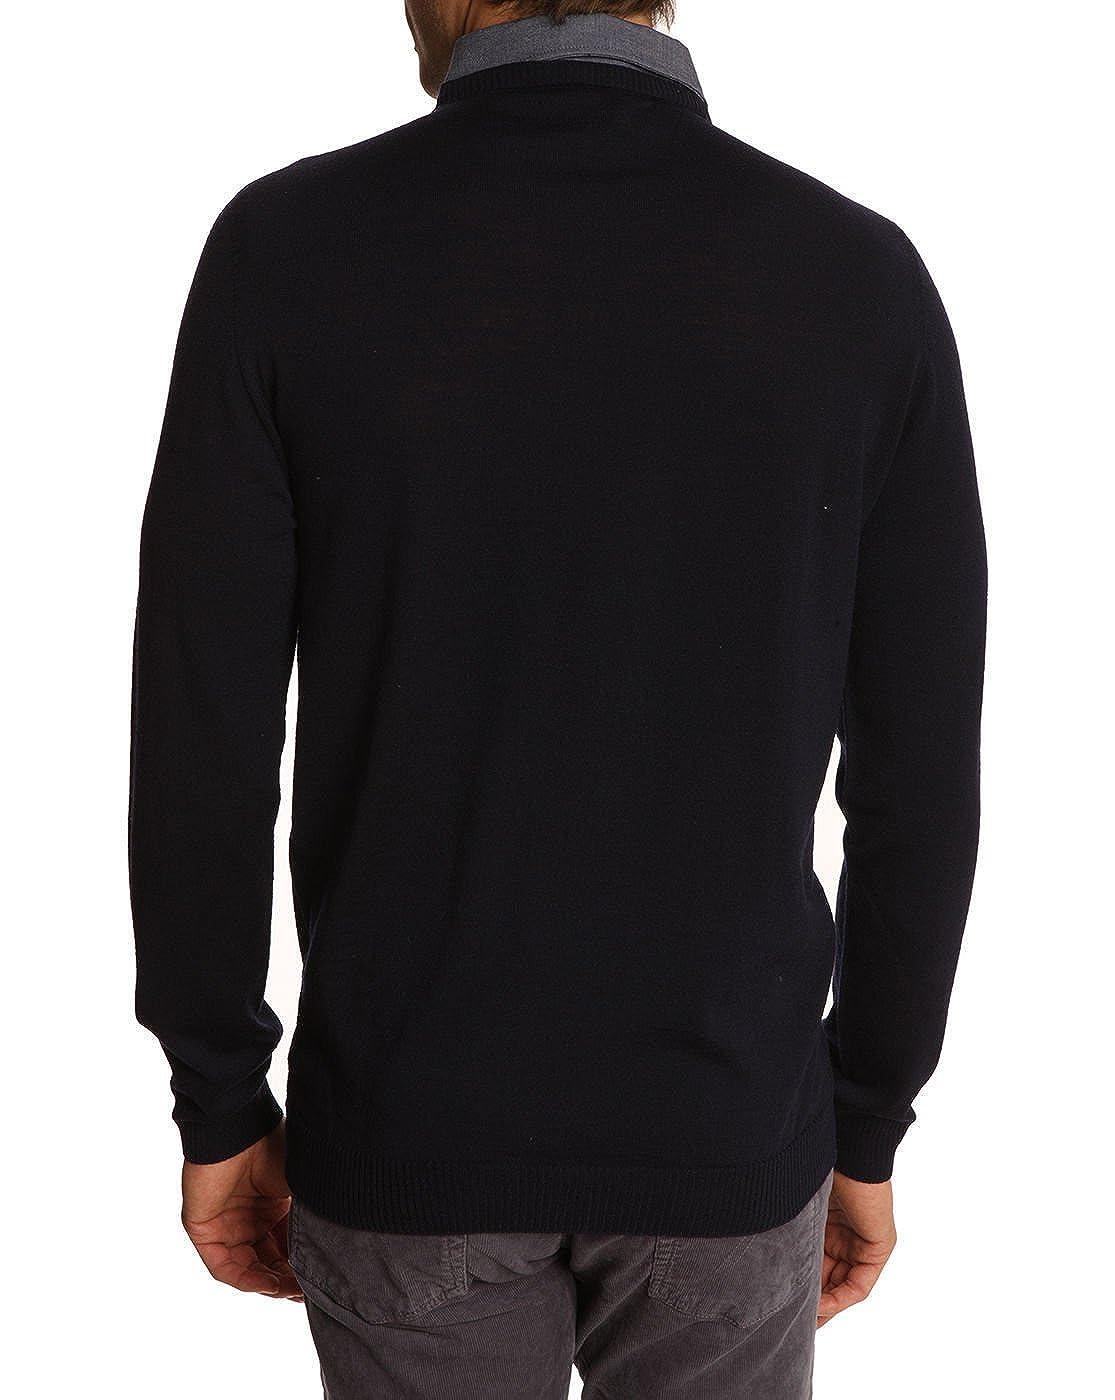 f348e2568d11d Paul And Joe - Pull - Homme - Pull noir trompe l'œil col chemise bleu Dogon  pour homme - XL: Amazon.fr: Vêtements et accessoires